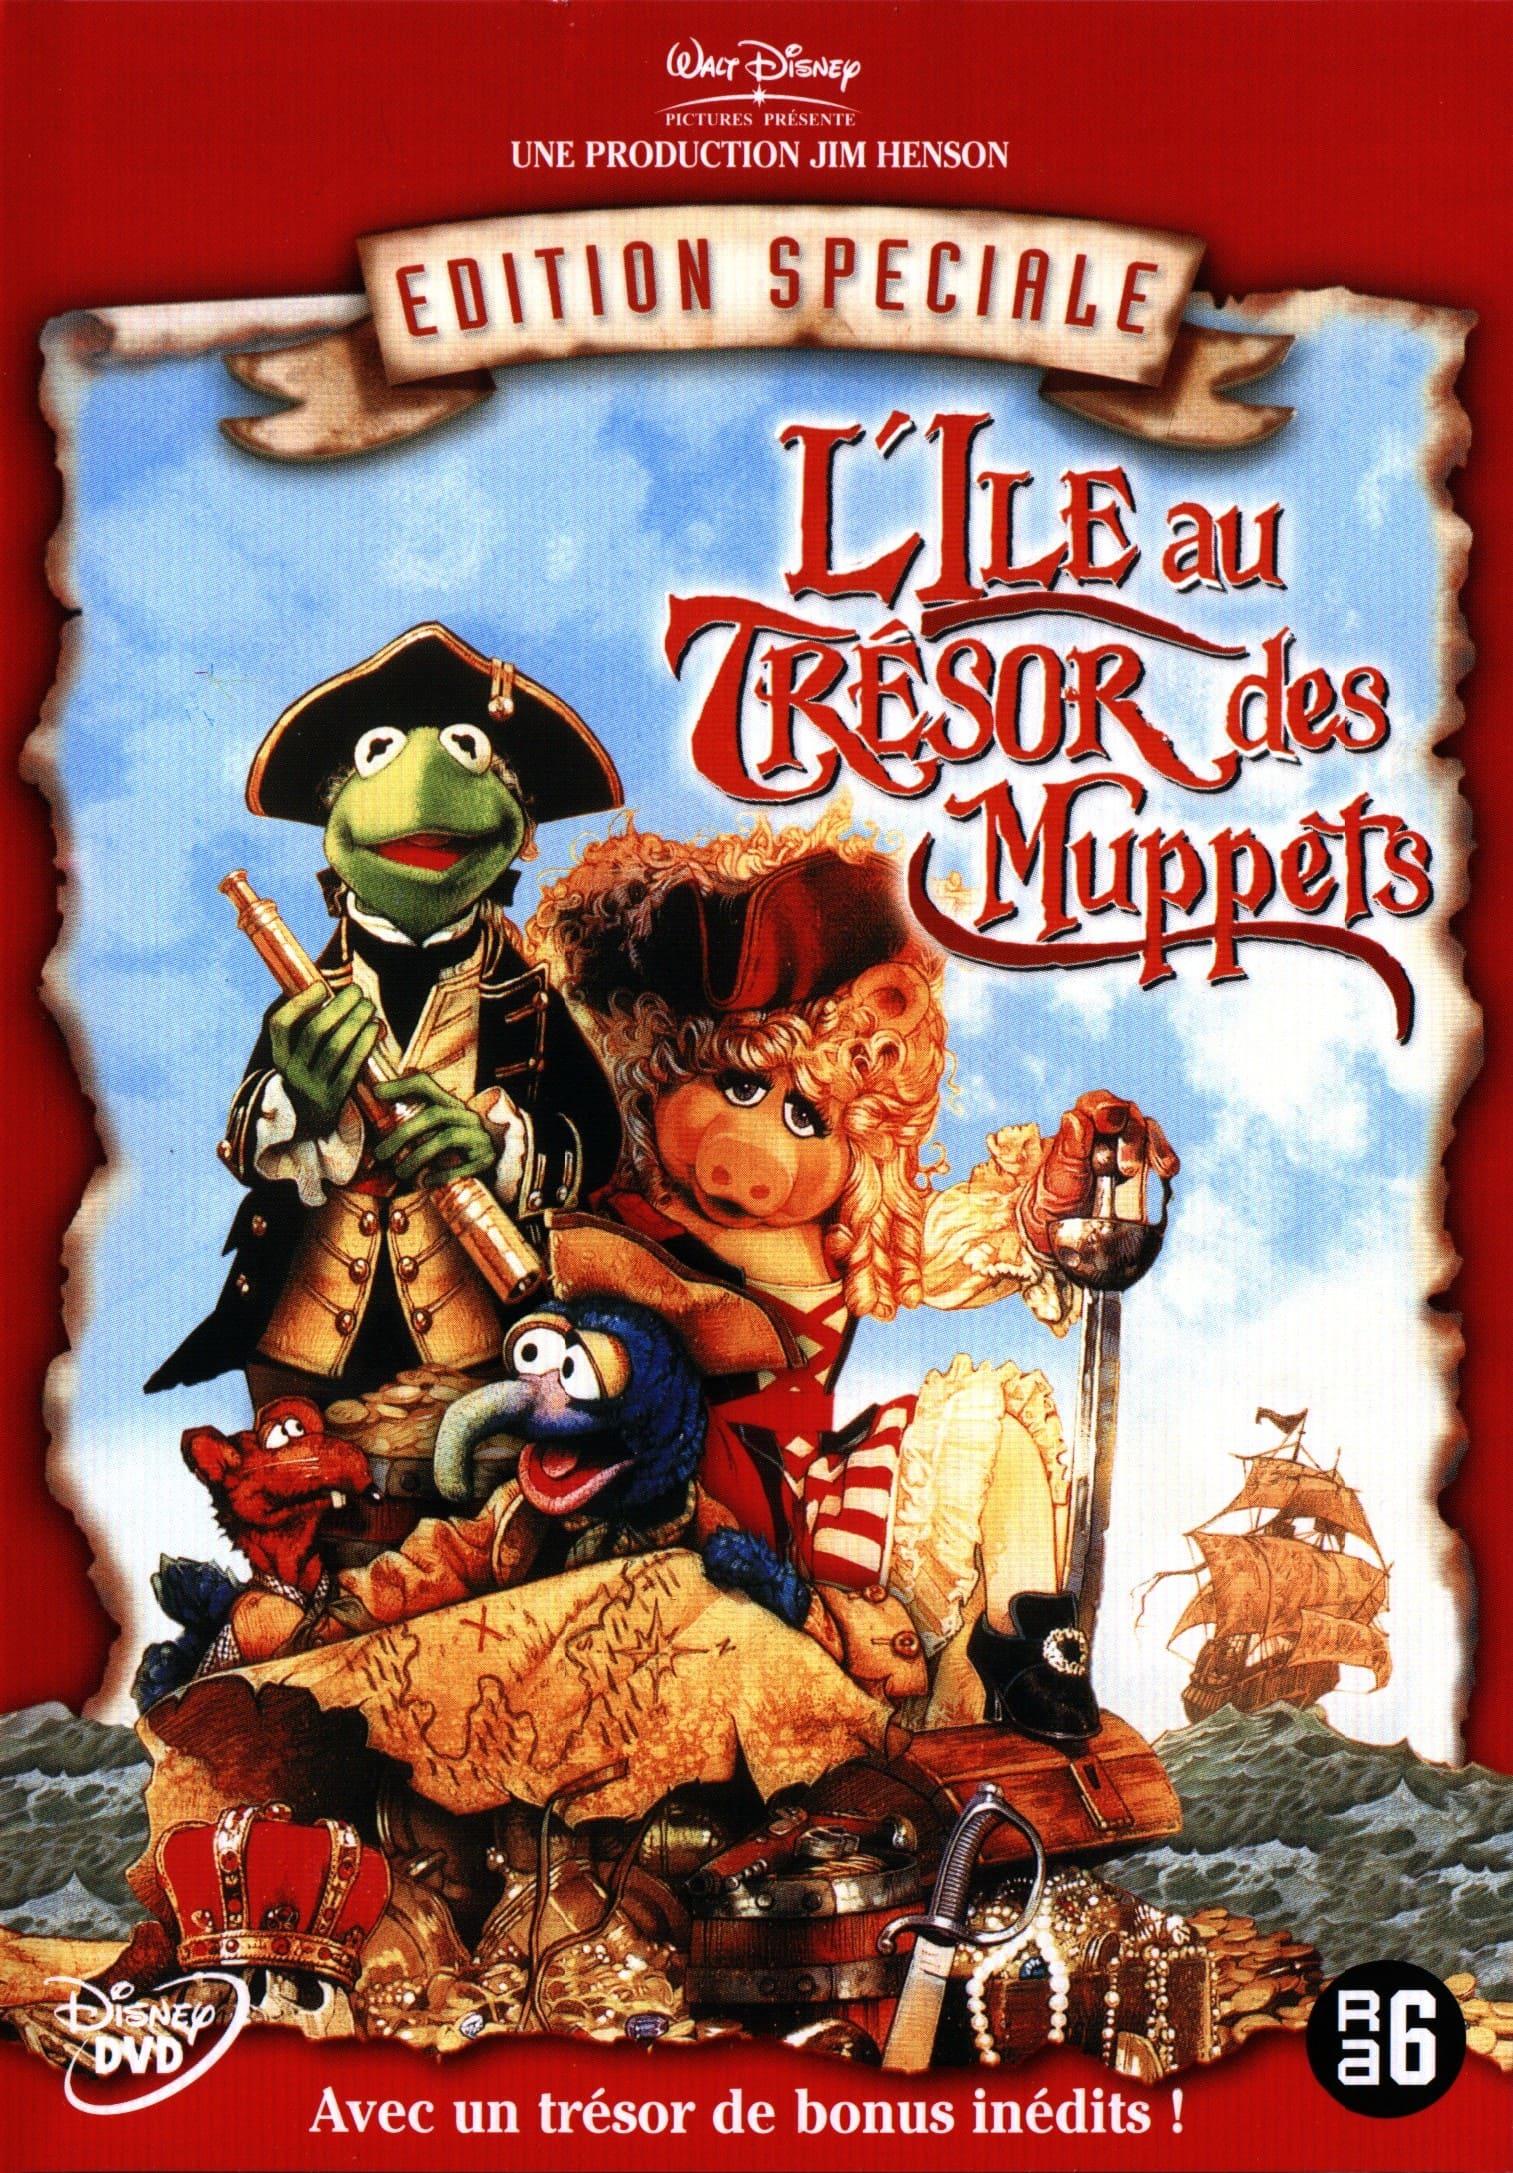 affiche poster ile trésor muppets treasure island disney